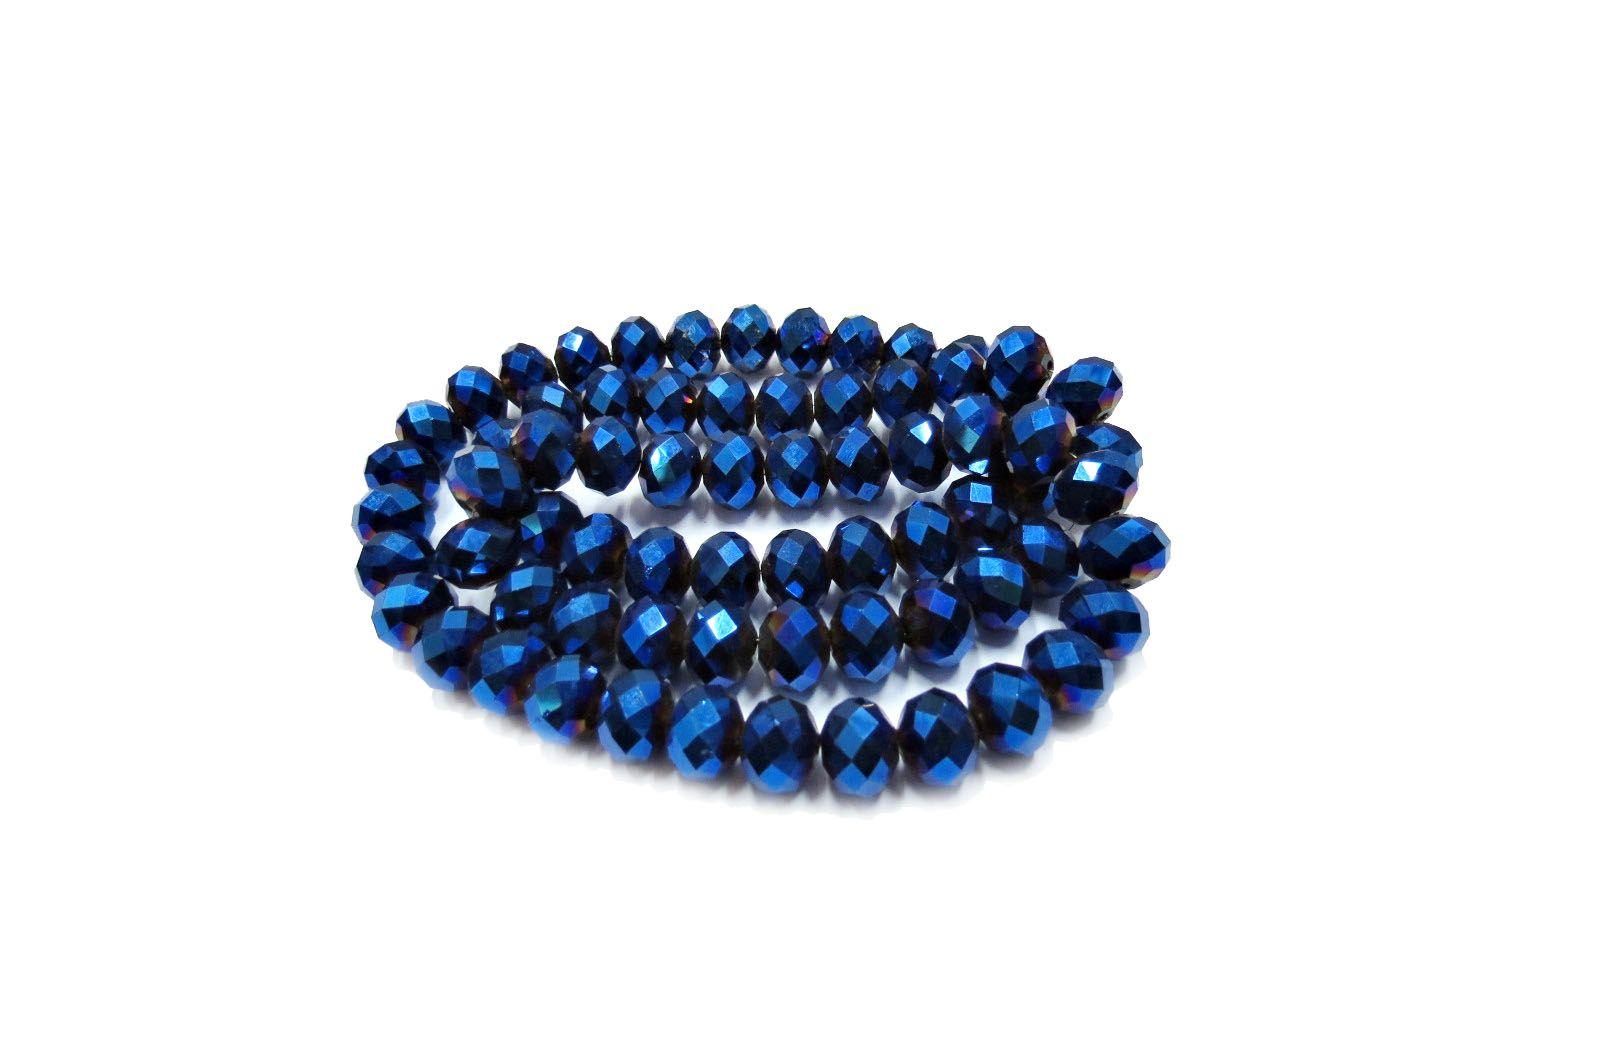 Azul Metalizado Achatado (12mm)